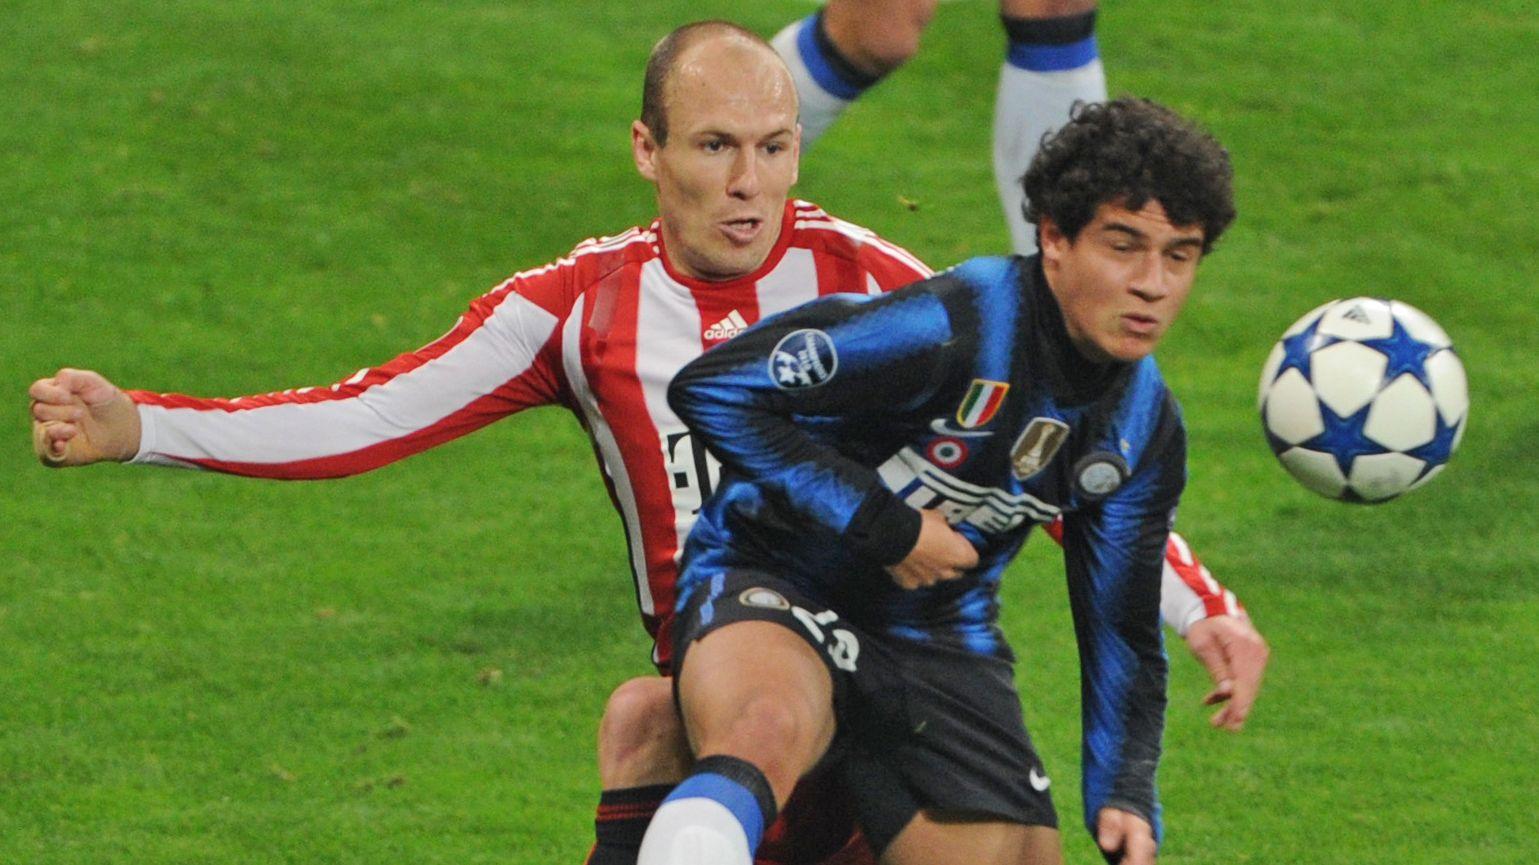 Arjen Robben (links) und Philippe Coutinho in einem Champions-League-Spiel der Bayern gegen Inter Mailand 2011